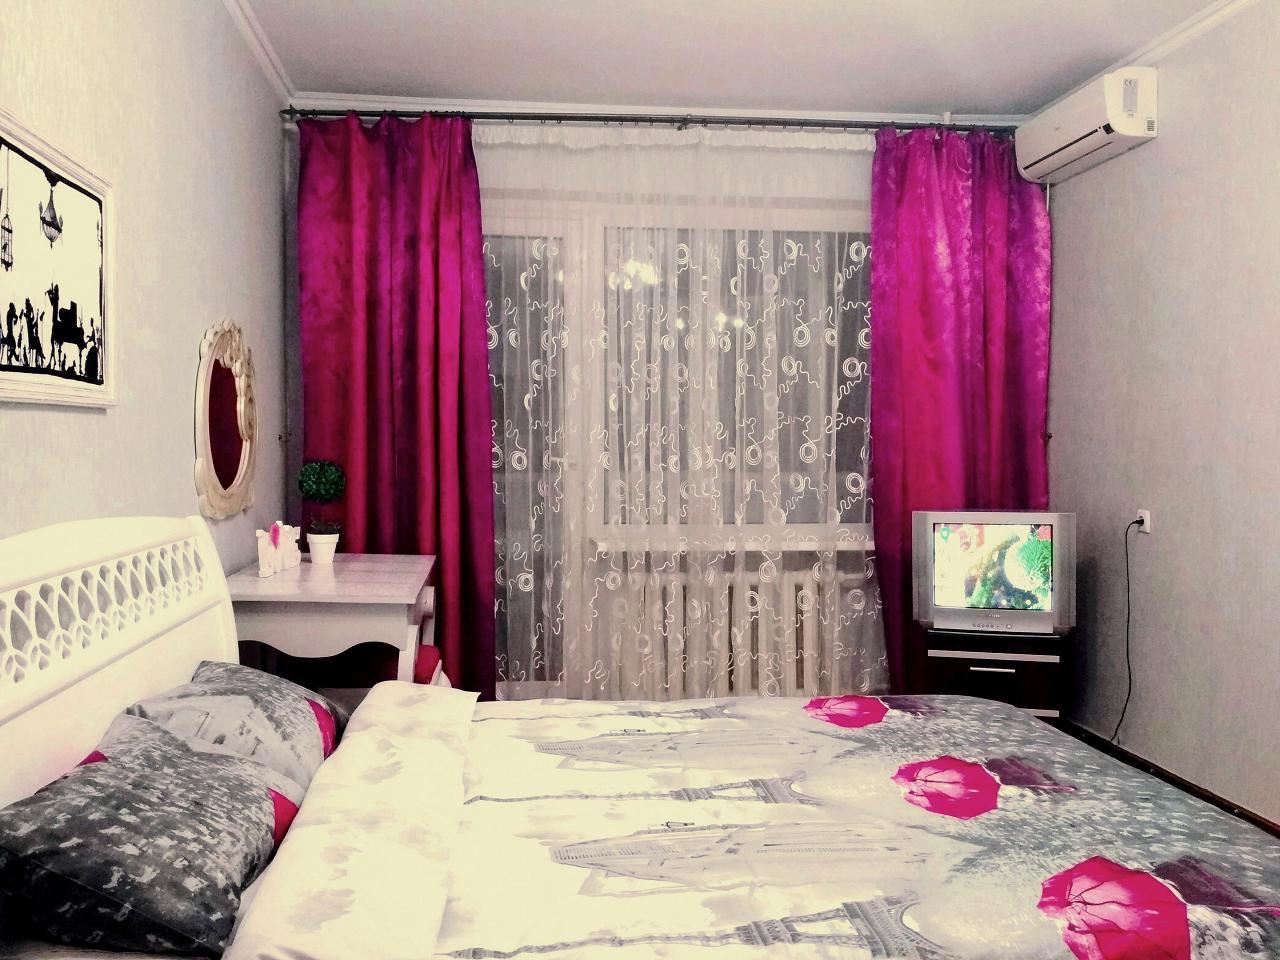 1-комнатная квартира посуточно в Одессе. Киевский район, ул. Ильфа и Петрова, 29 (3)